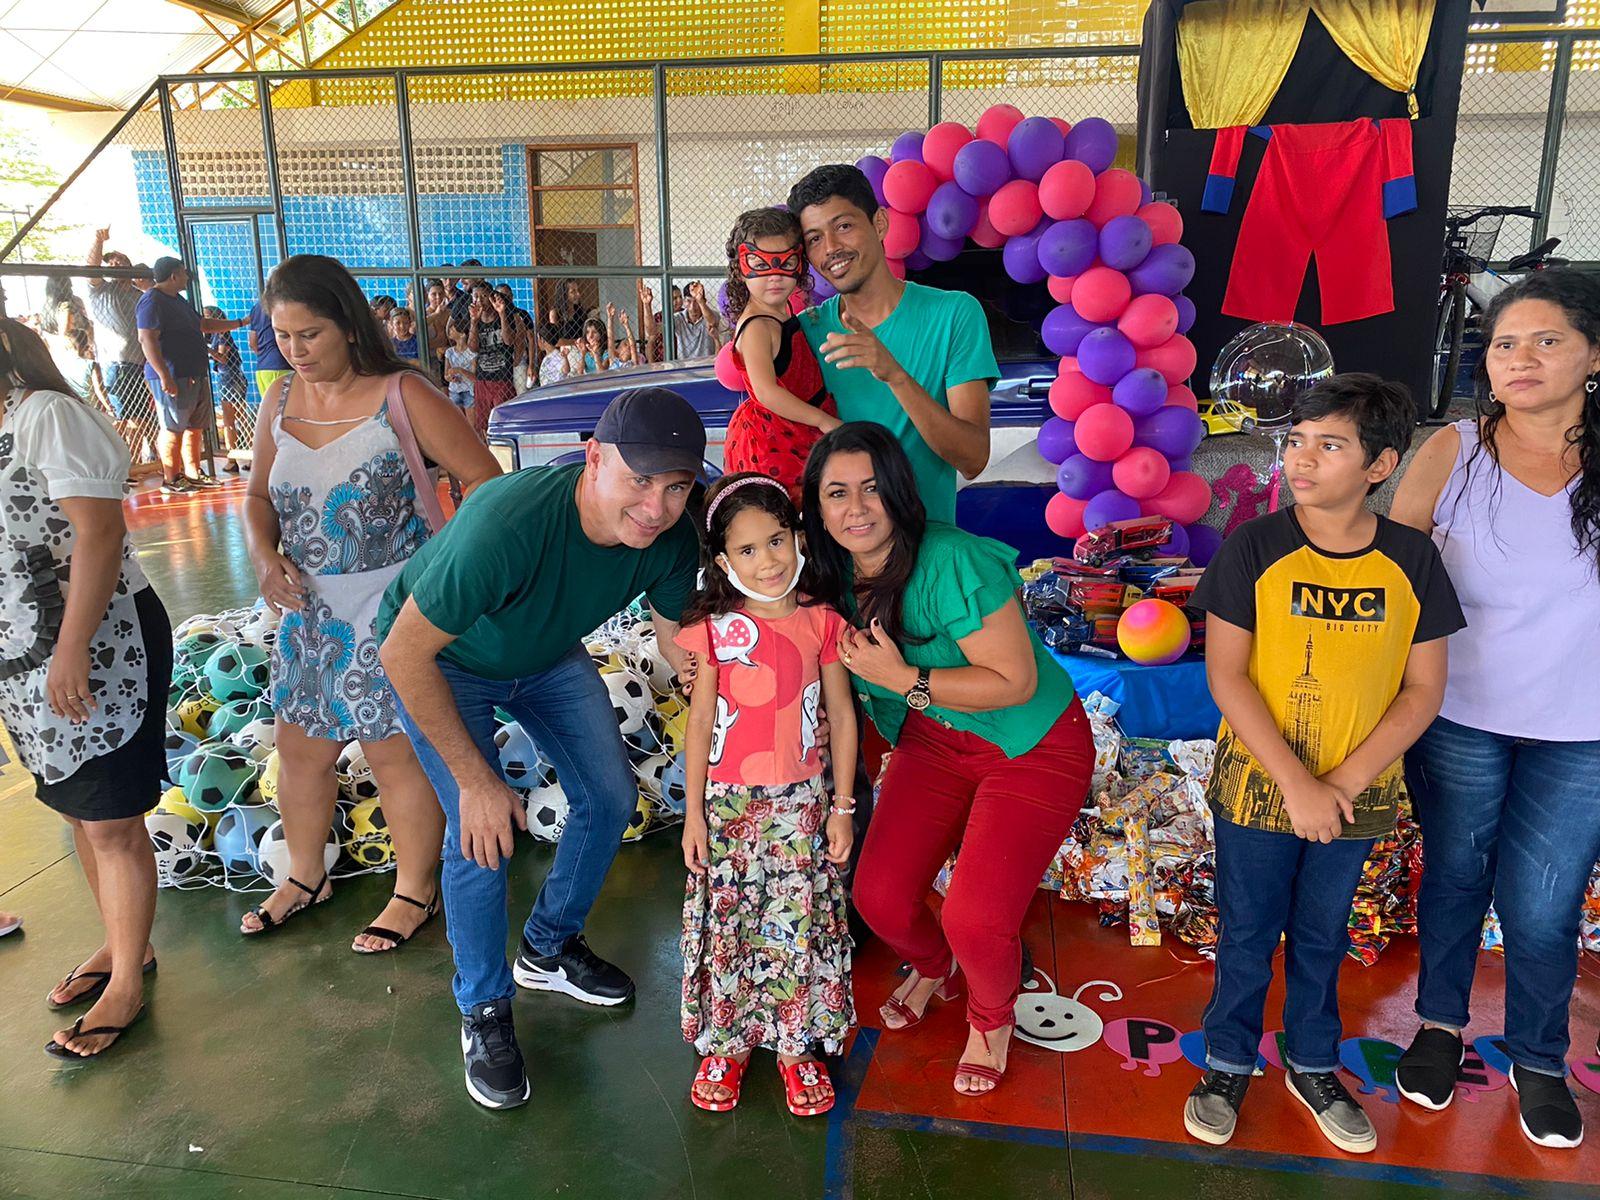 Diversão e alegria no evento do ginásio Paulo Celestino - Foto: Ascom/Divulgação